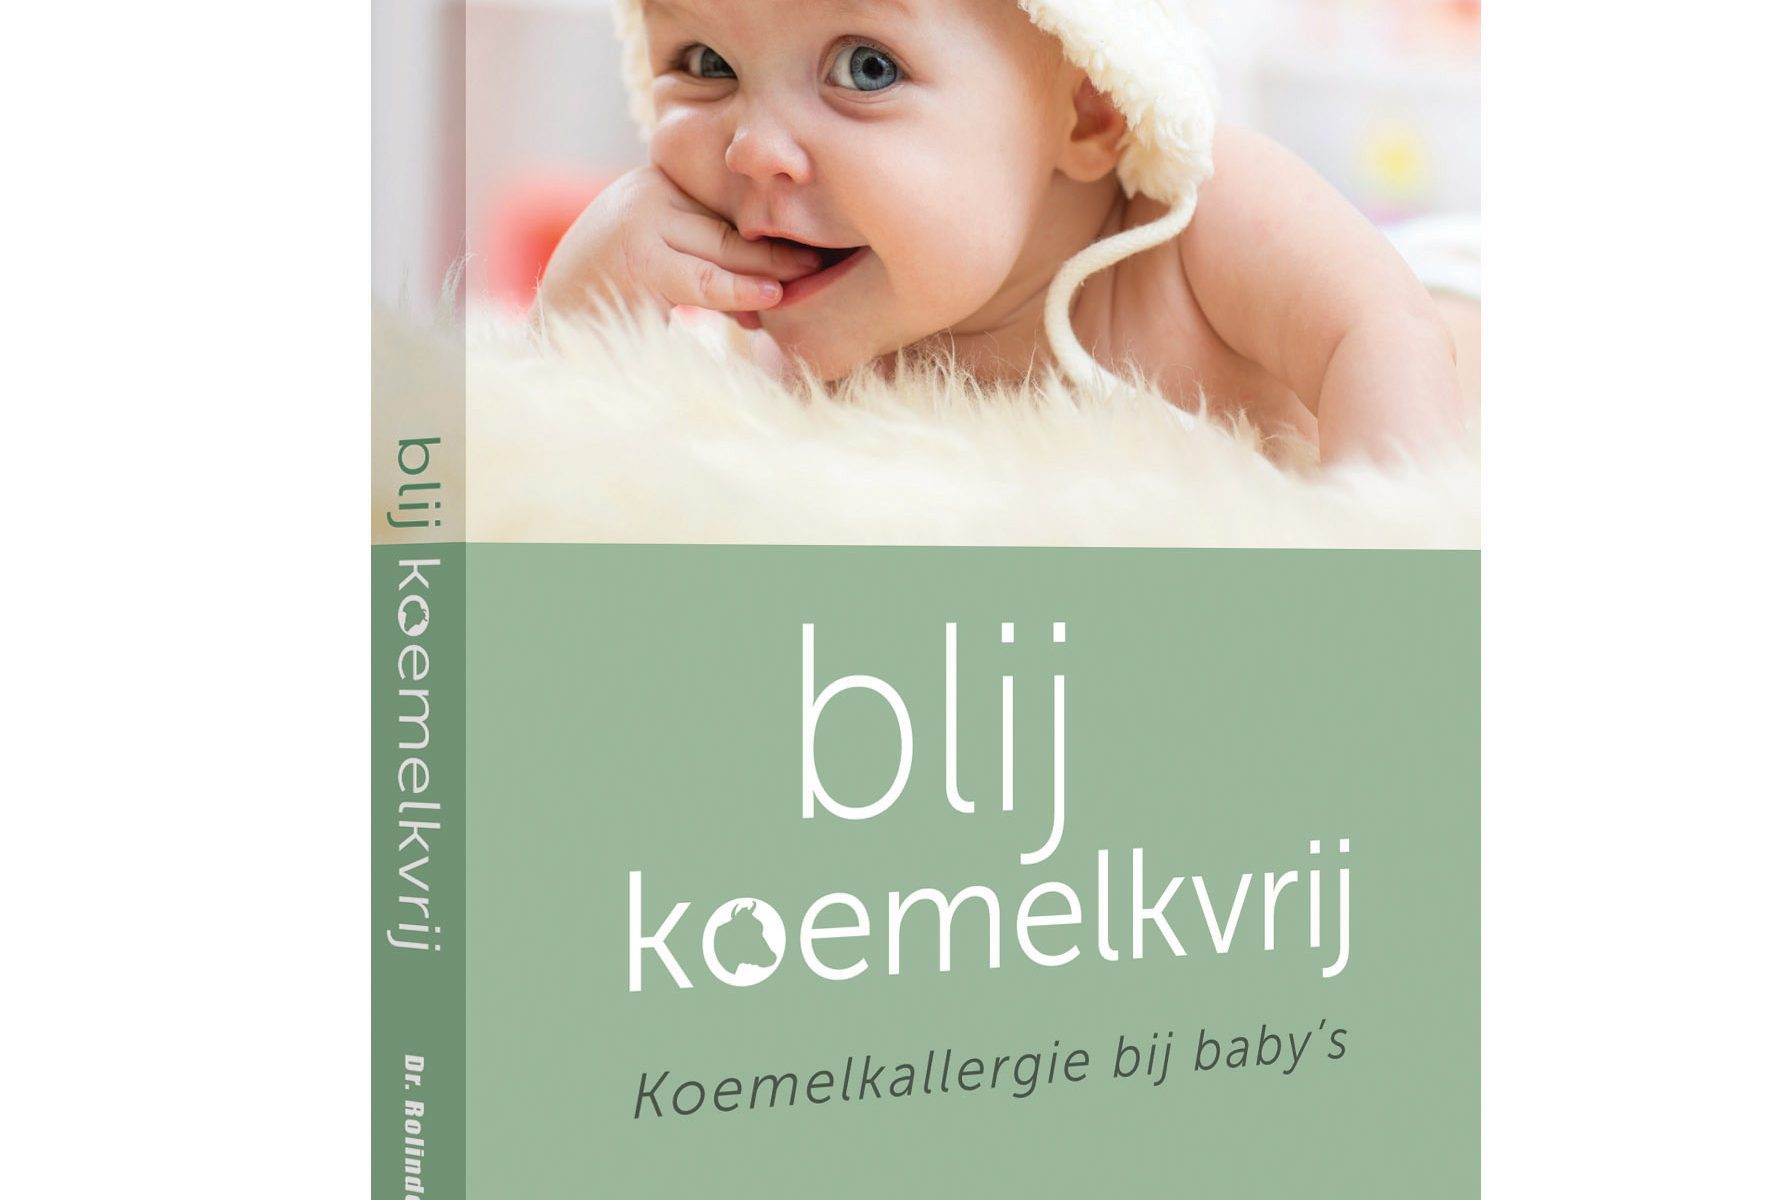 Boek Koemelkallergie bij baby's